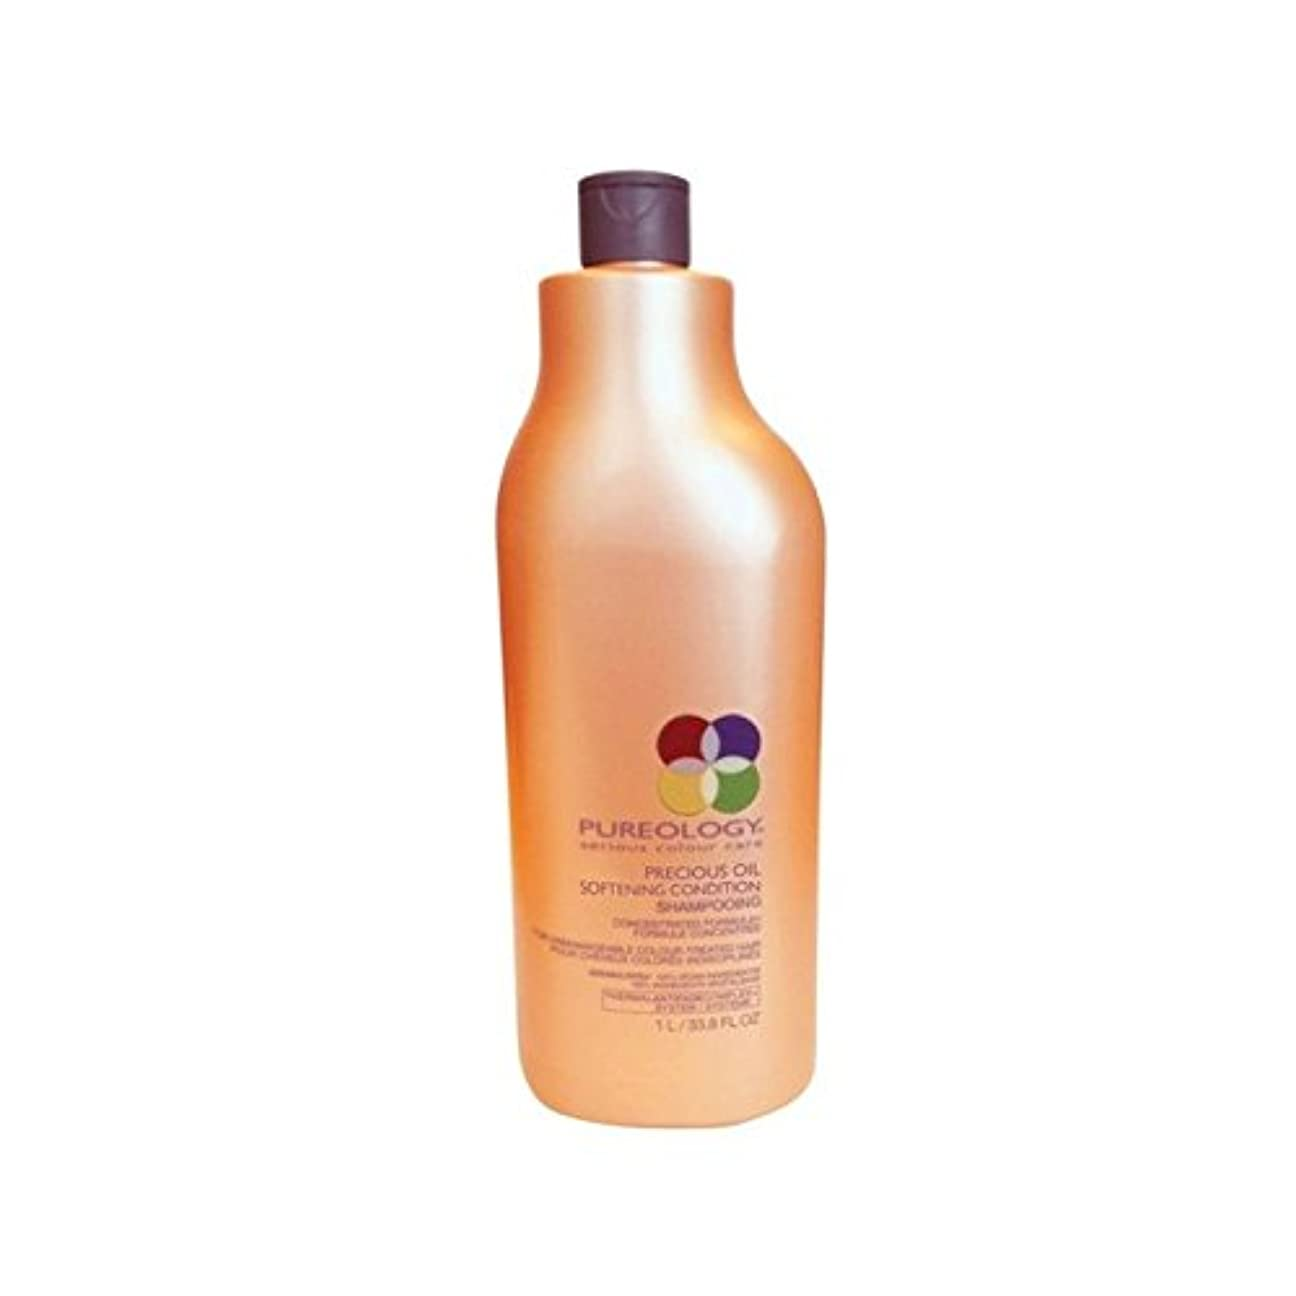 革命ミシン目行進Pureology Precious Oil Conditioner (1000ml) - 貴重なオイルコンディショナー(千ミリリットル) [並行輸入品]